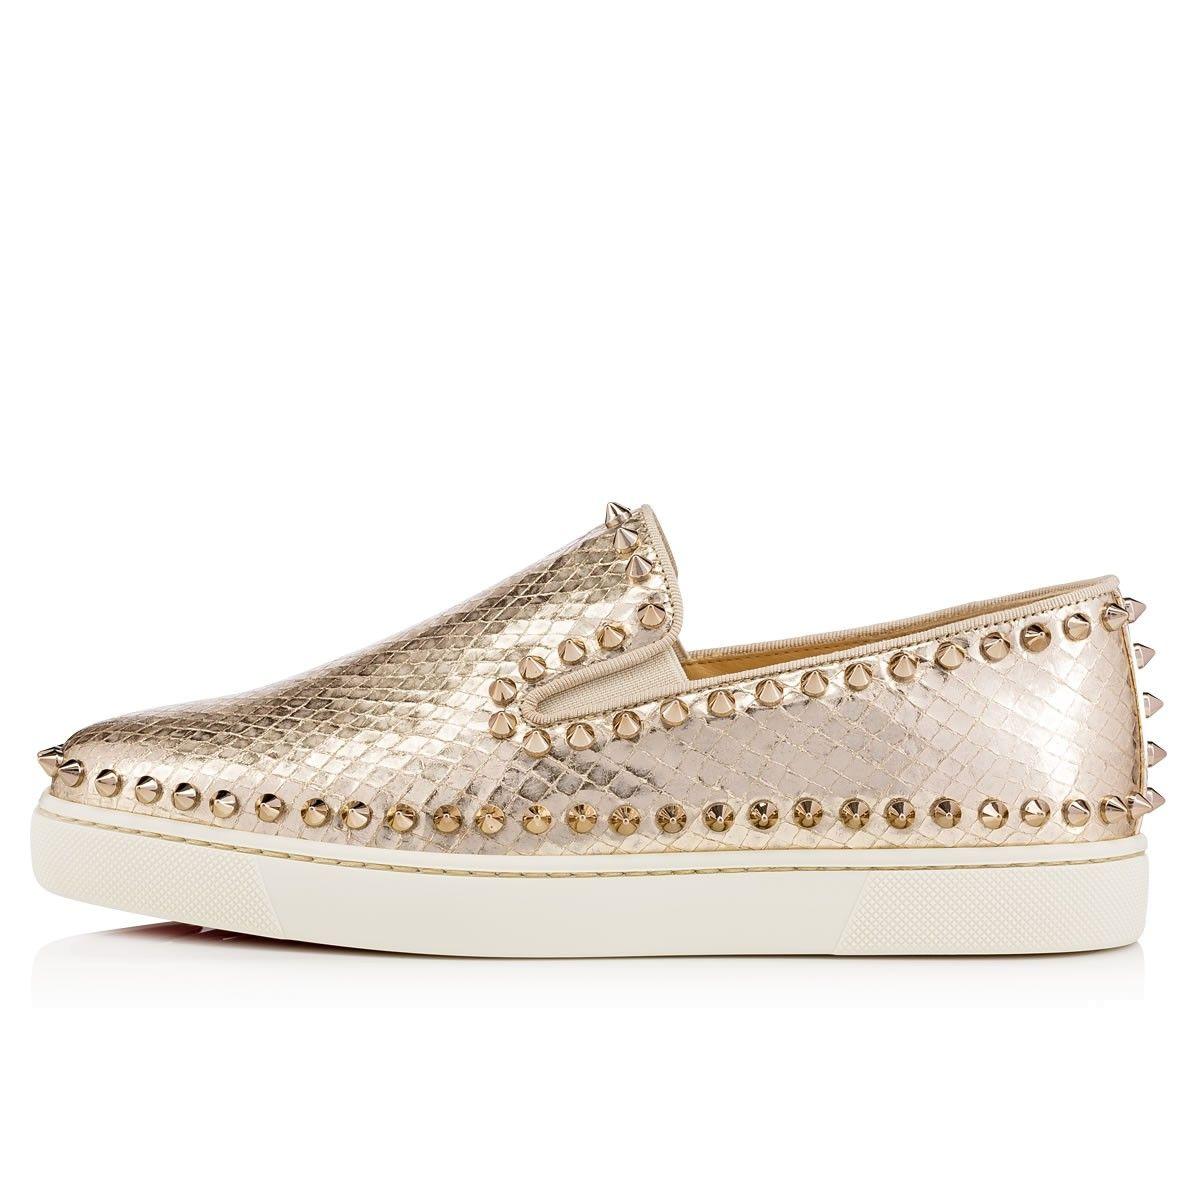 3d3252e82ce Shoes - Pik Boat Women's Flat - Christian Louboutin | SNEAK A PEAK ...